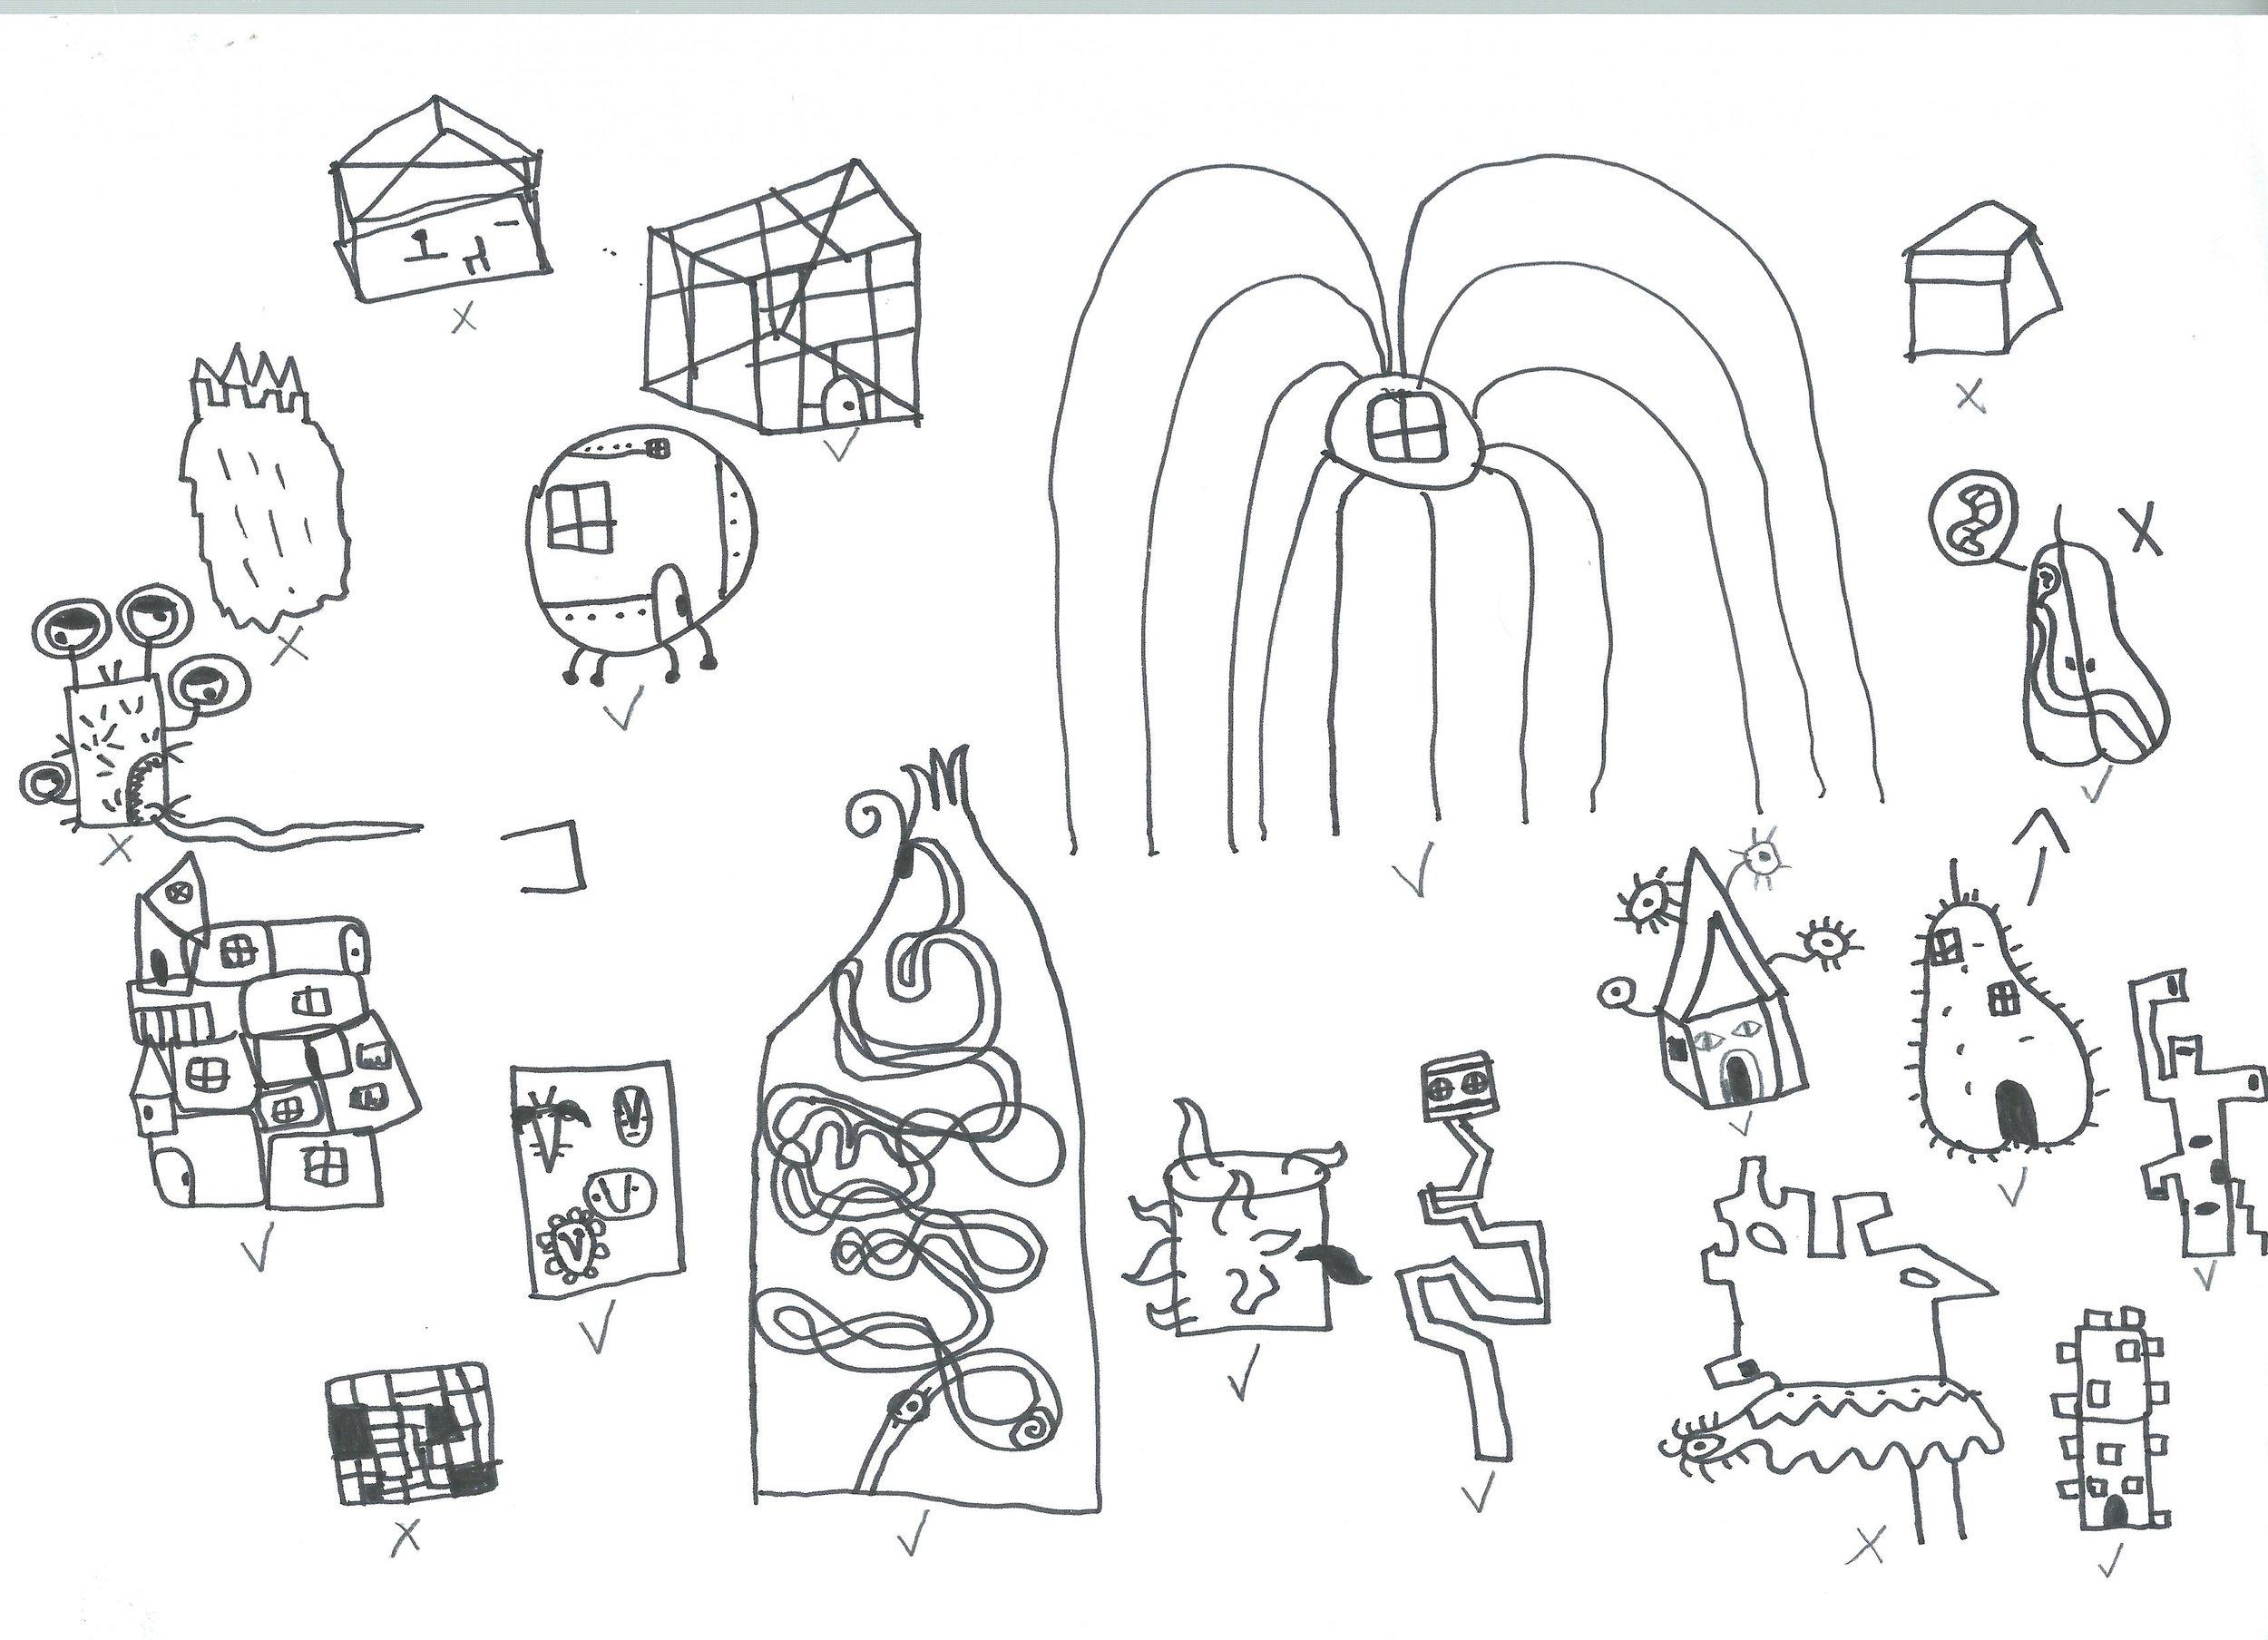 Architecture-idea-2.JPG